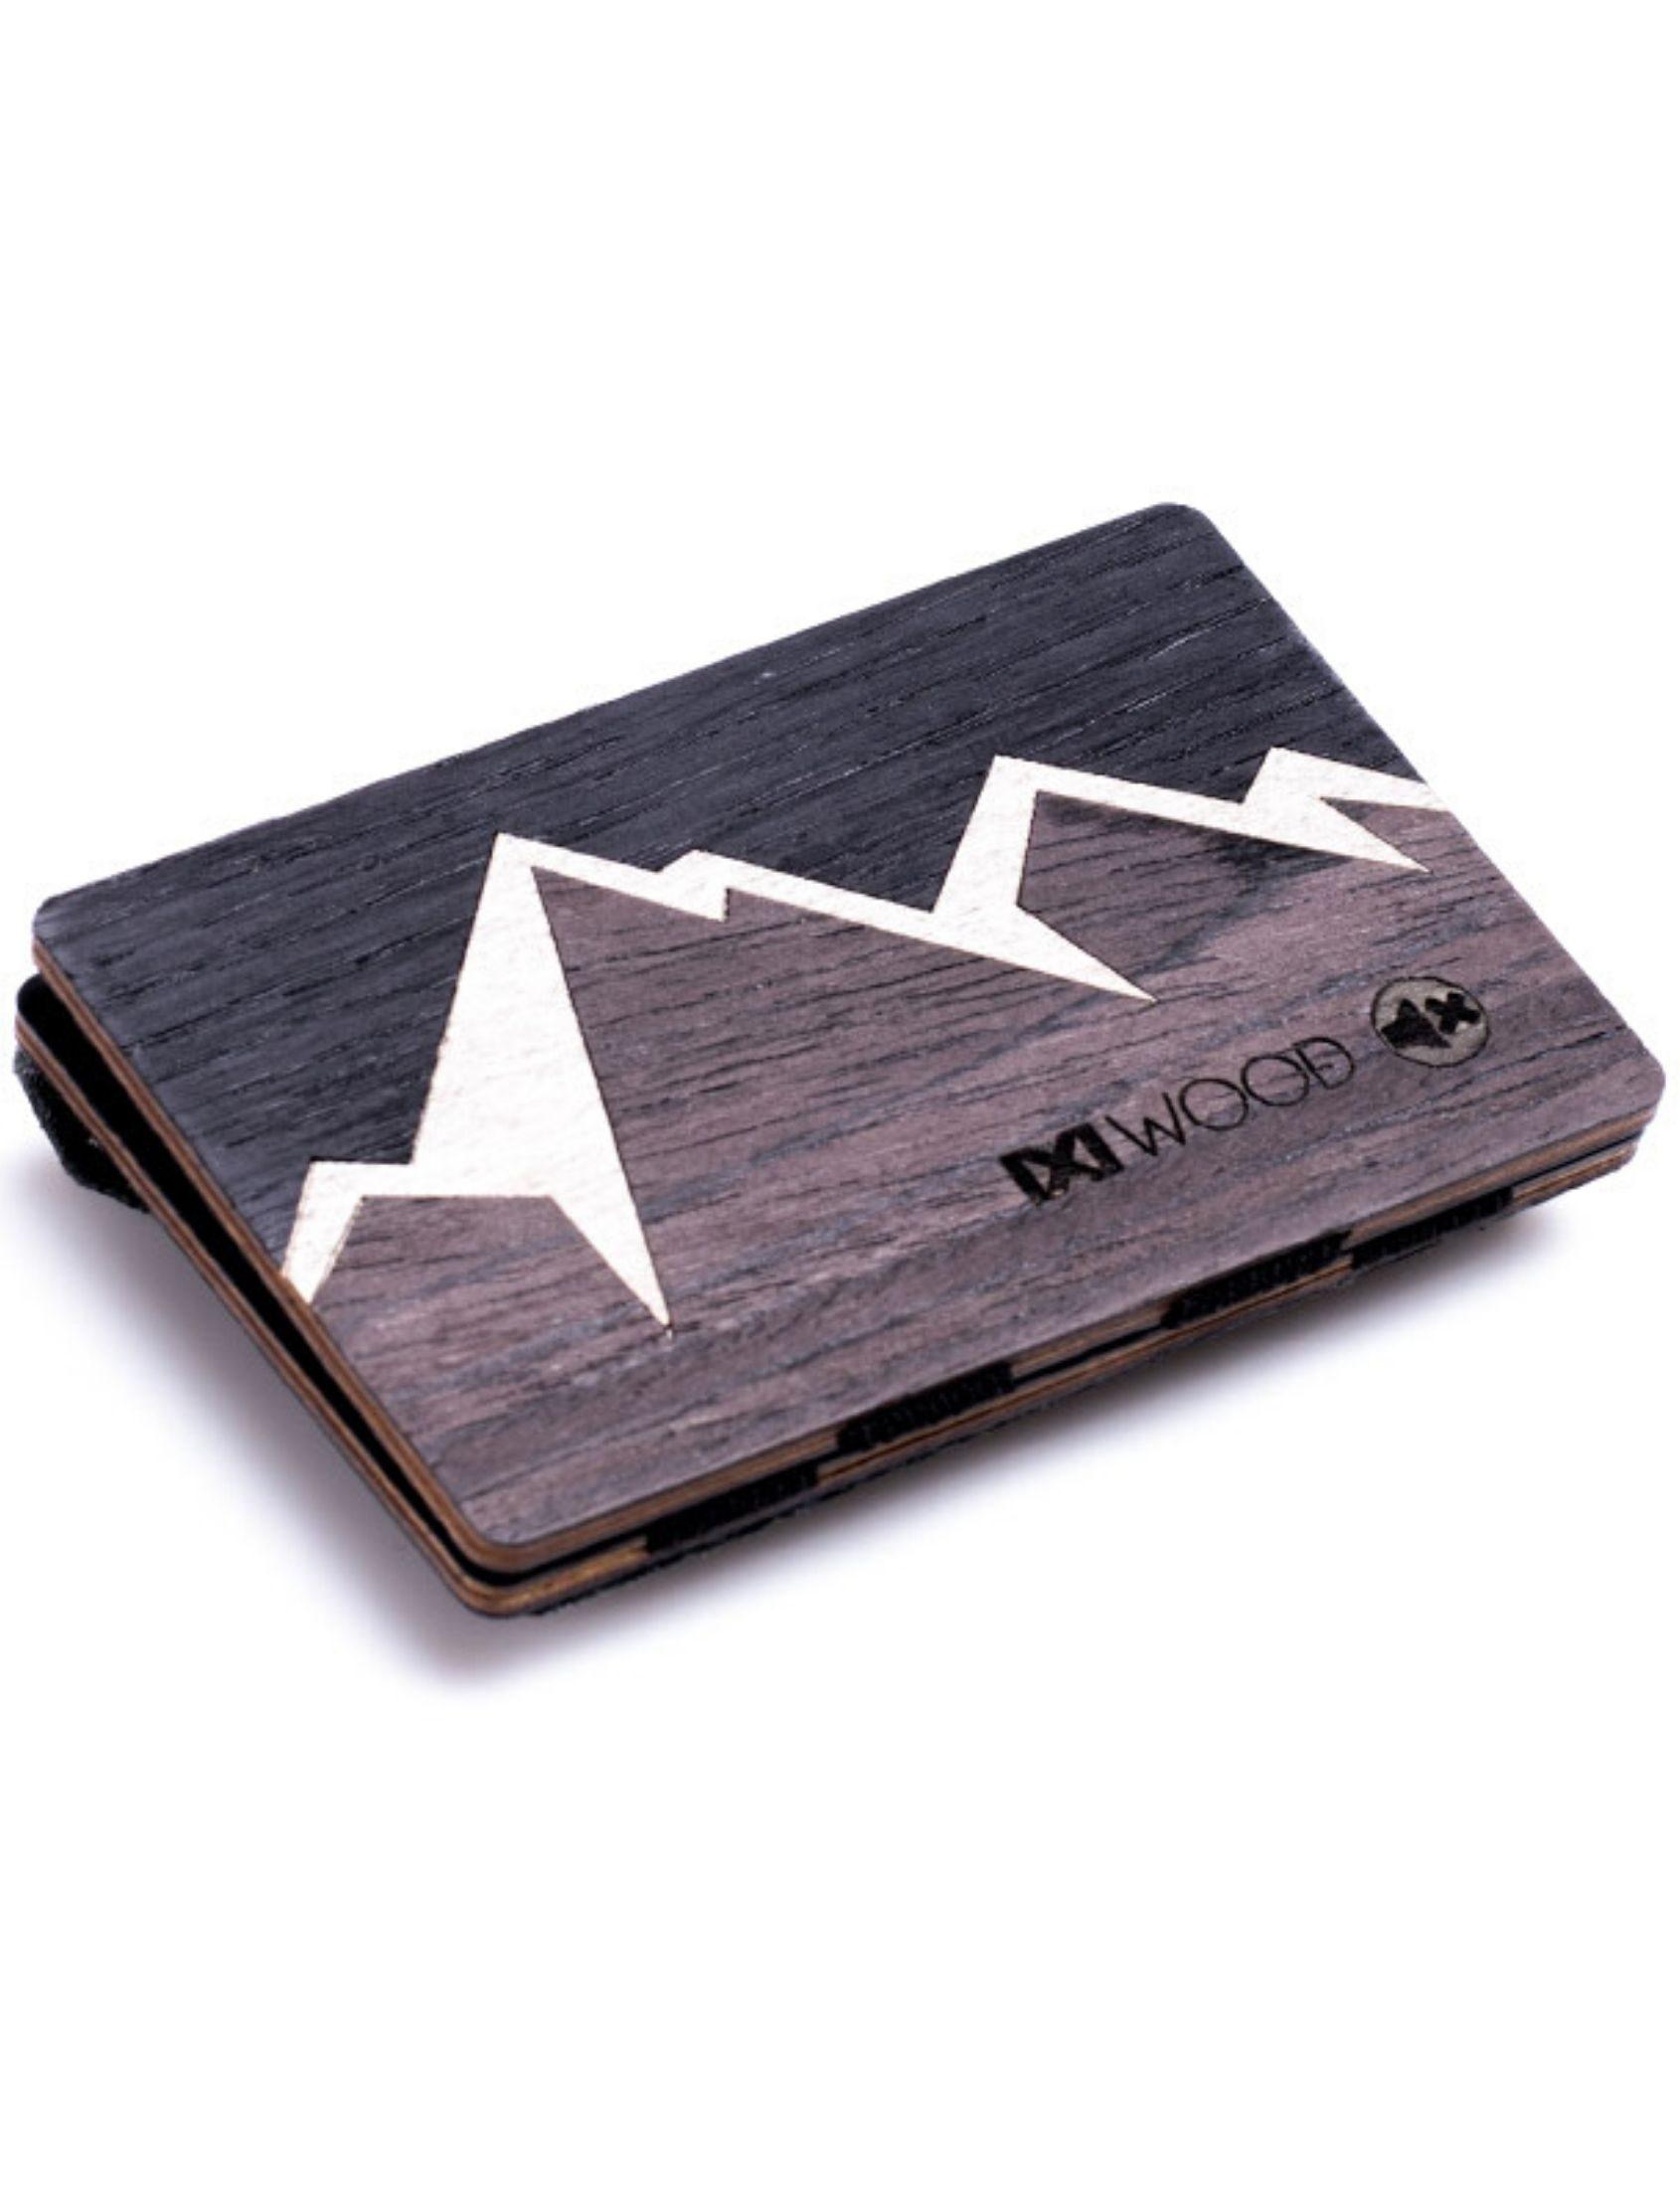 cartera de madera mountain con dibujo de montañas en tonos oscuros con monedero de ixi wood